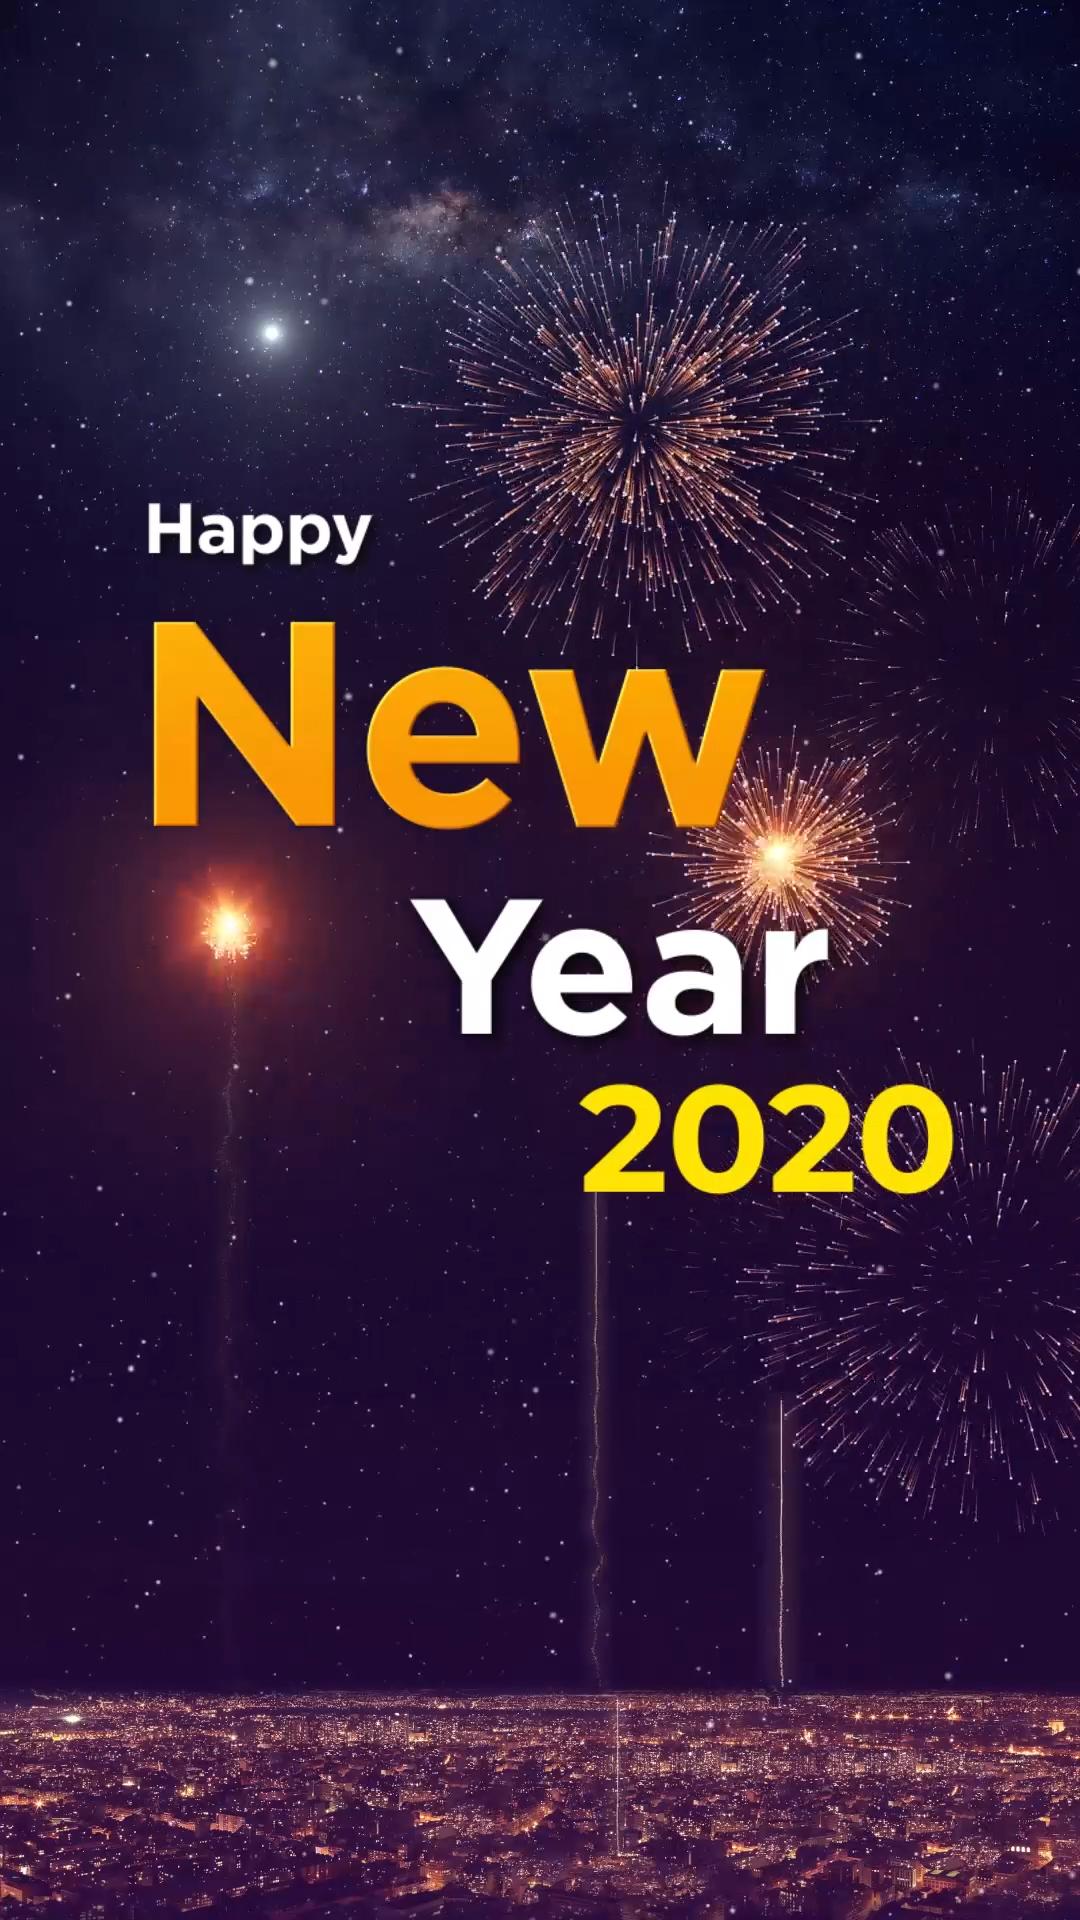 #newyear #happynewyear #2020 #newyear2020